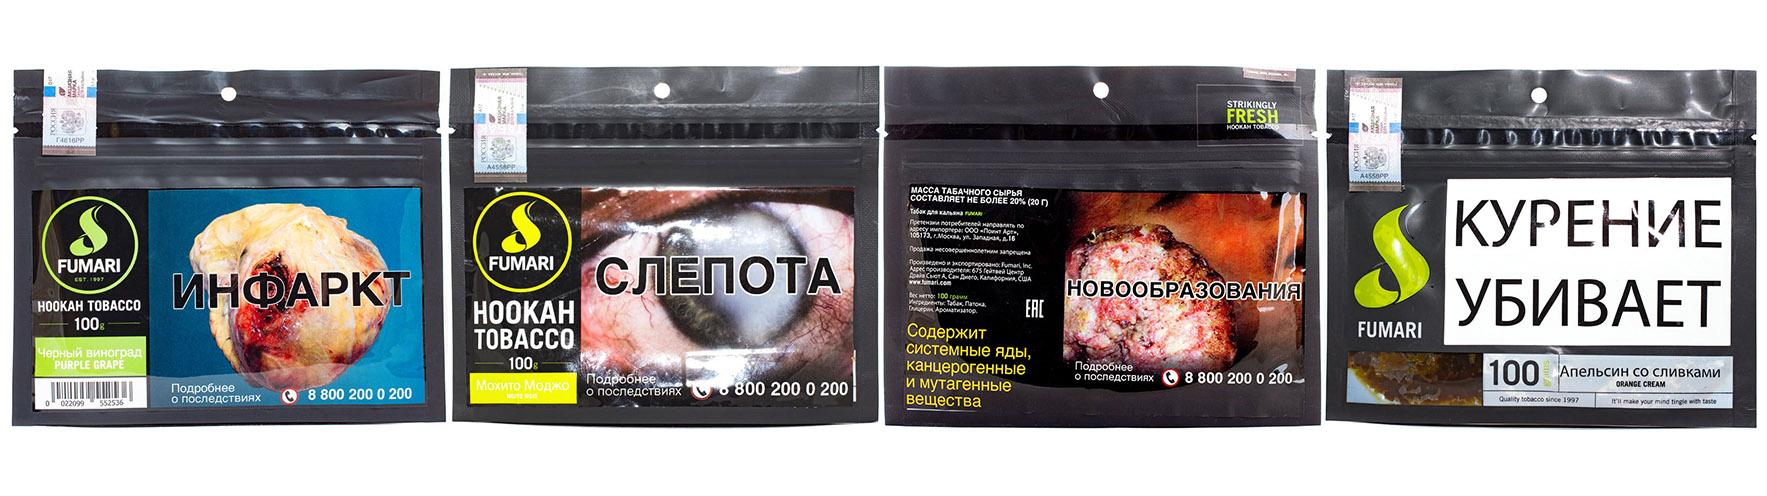 Купить акцизный табак Fumari оптом на официальном сайте производителя